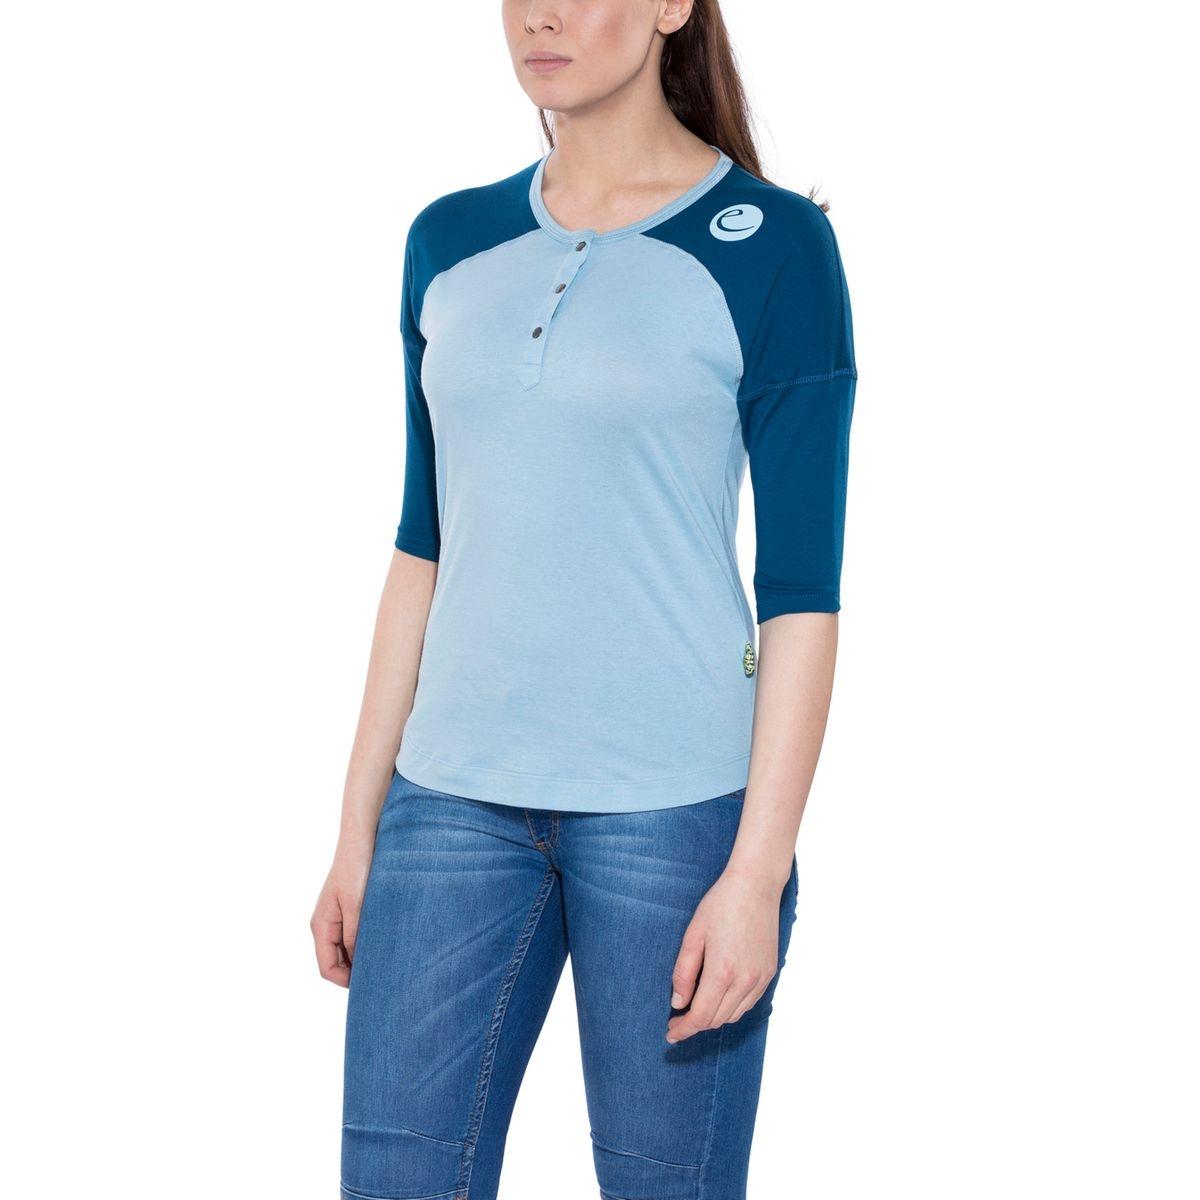 Highball - T-shirt manches longues Femme - bleu